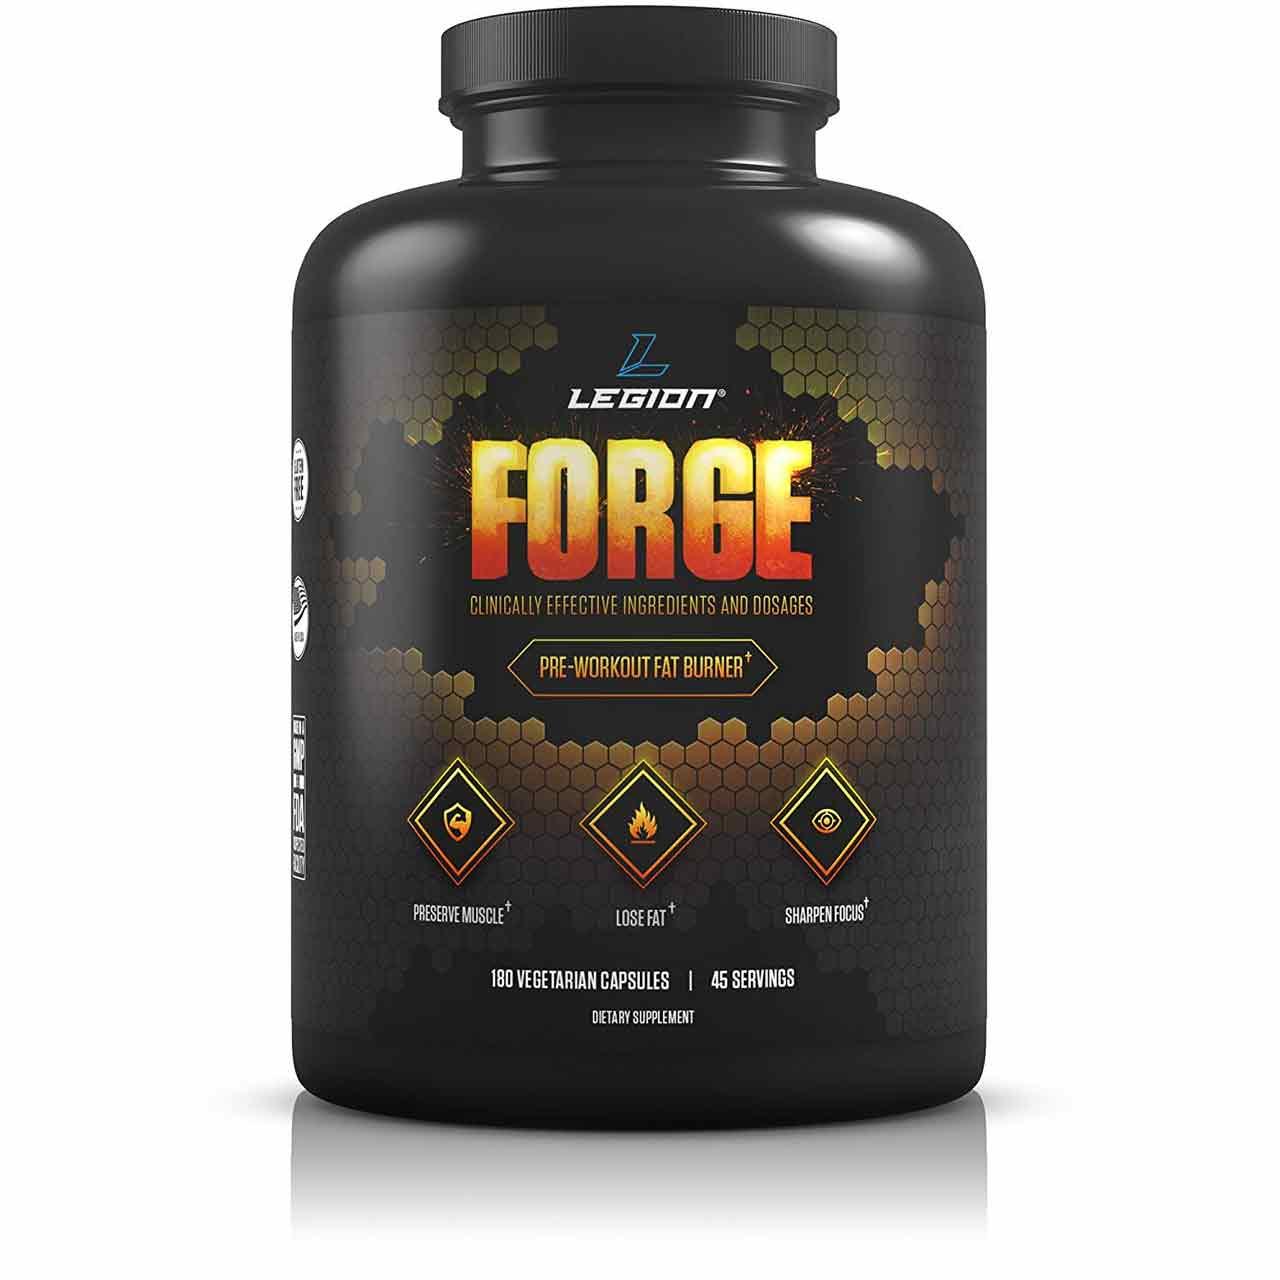 Legion Forge